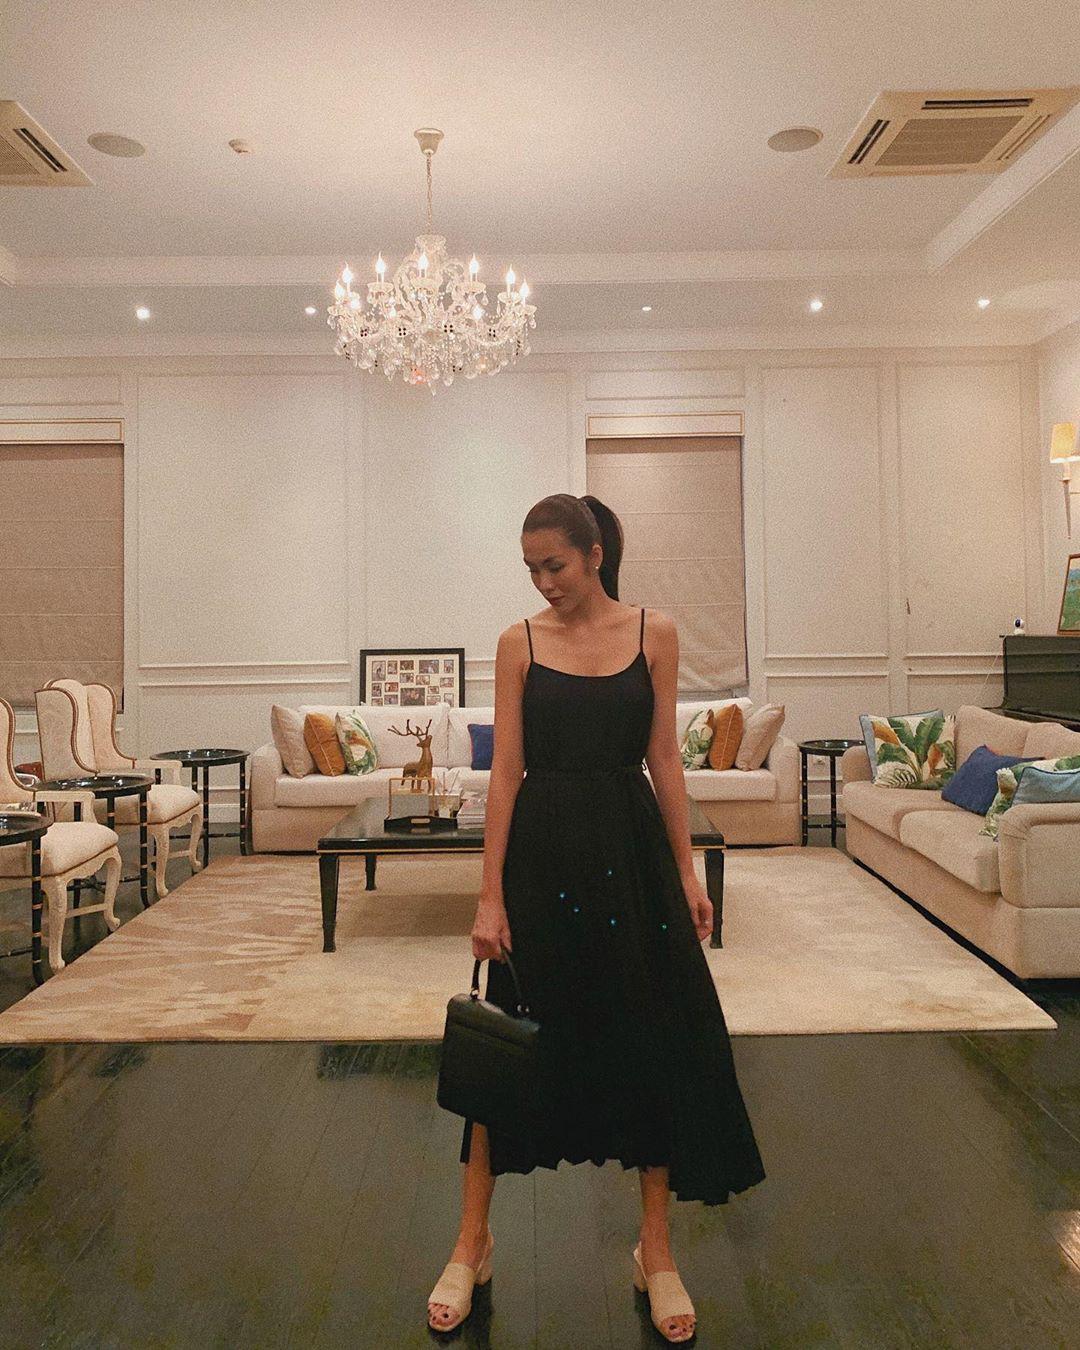 Nhờ một mẫu váy: Hà Tăng, Phạm Quỳnh Anh và Đàm Thu Trang khiến người ta nín lặng trước vẻ sexy và sang chảnh tột bậc - Ảnh 2